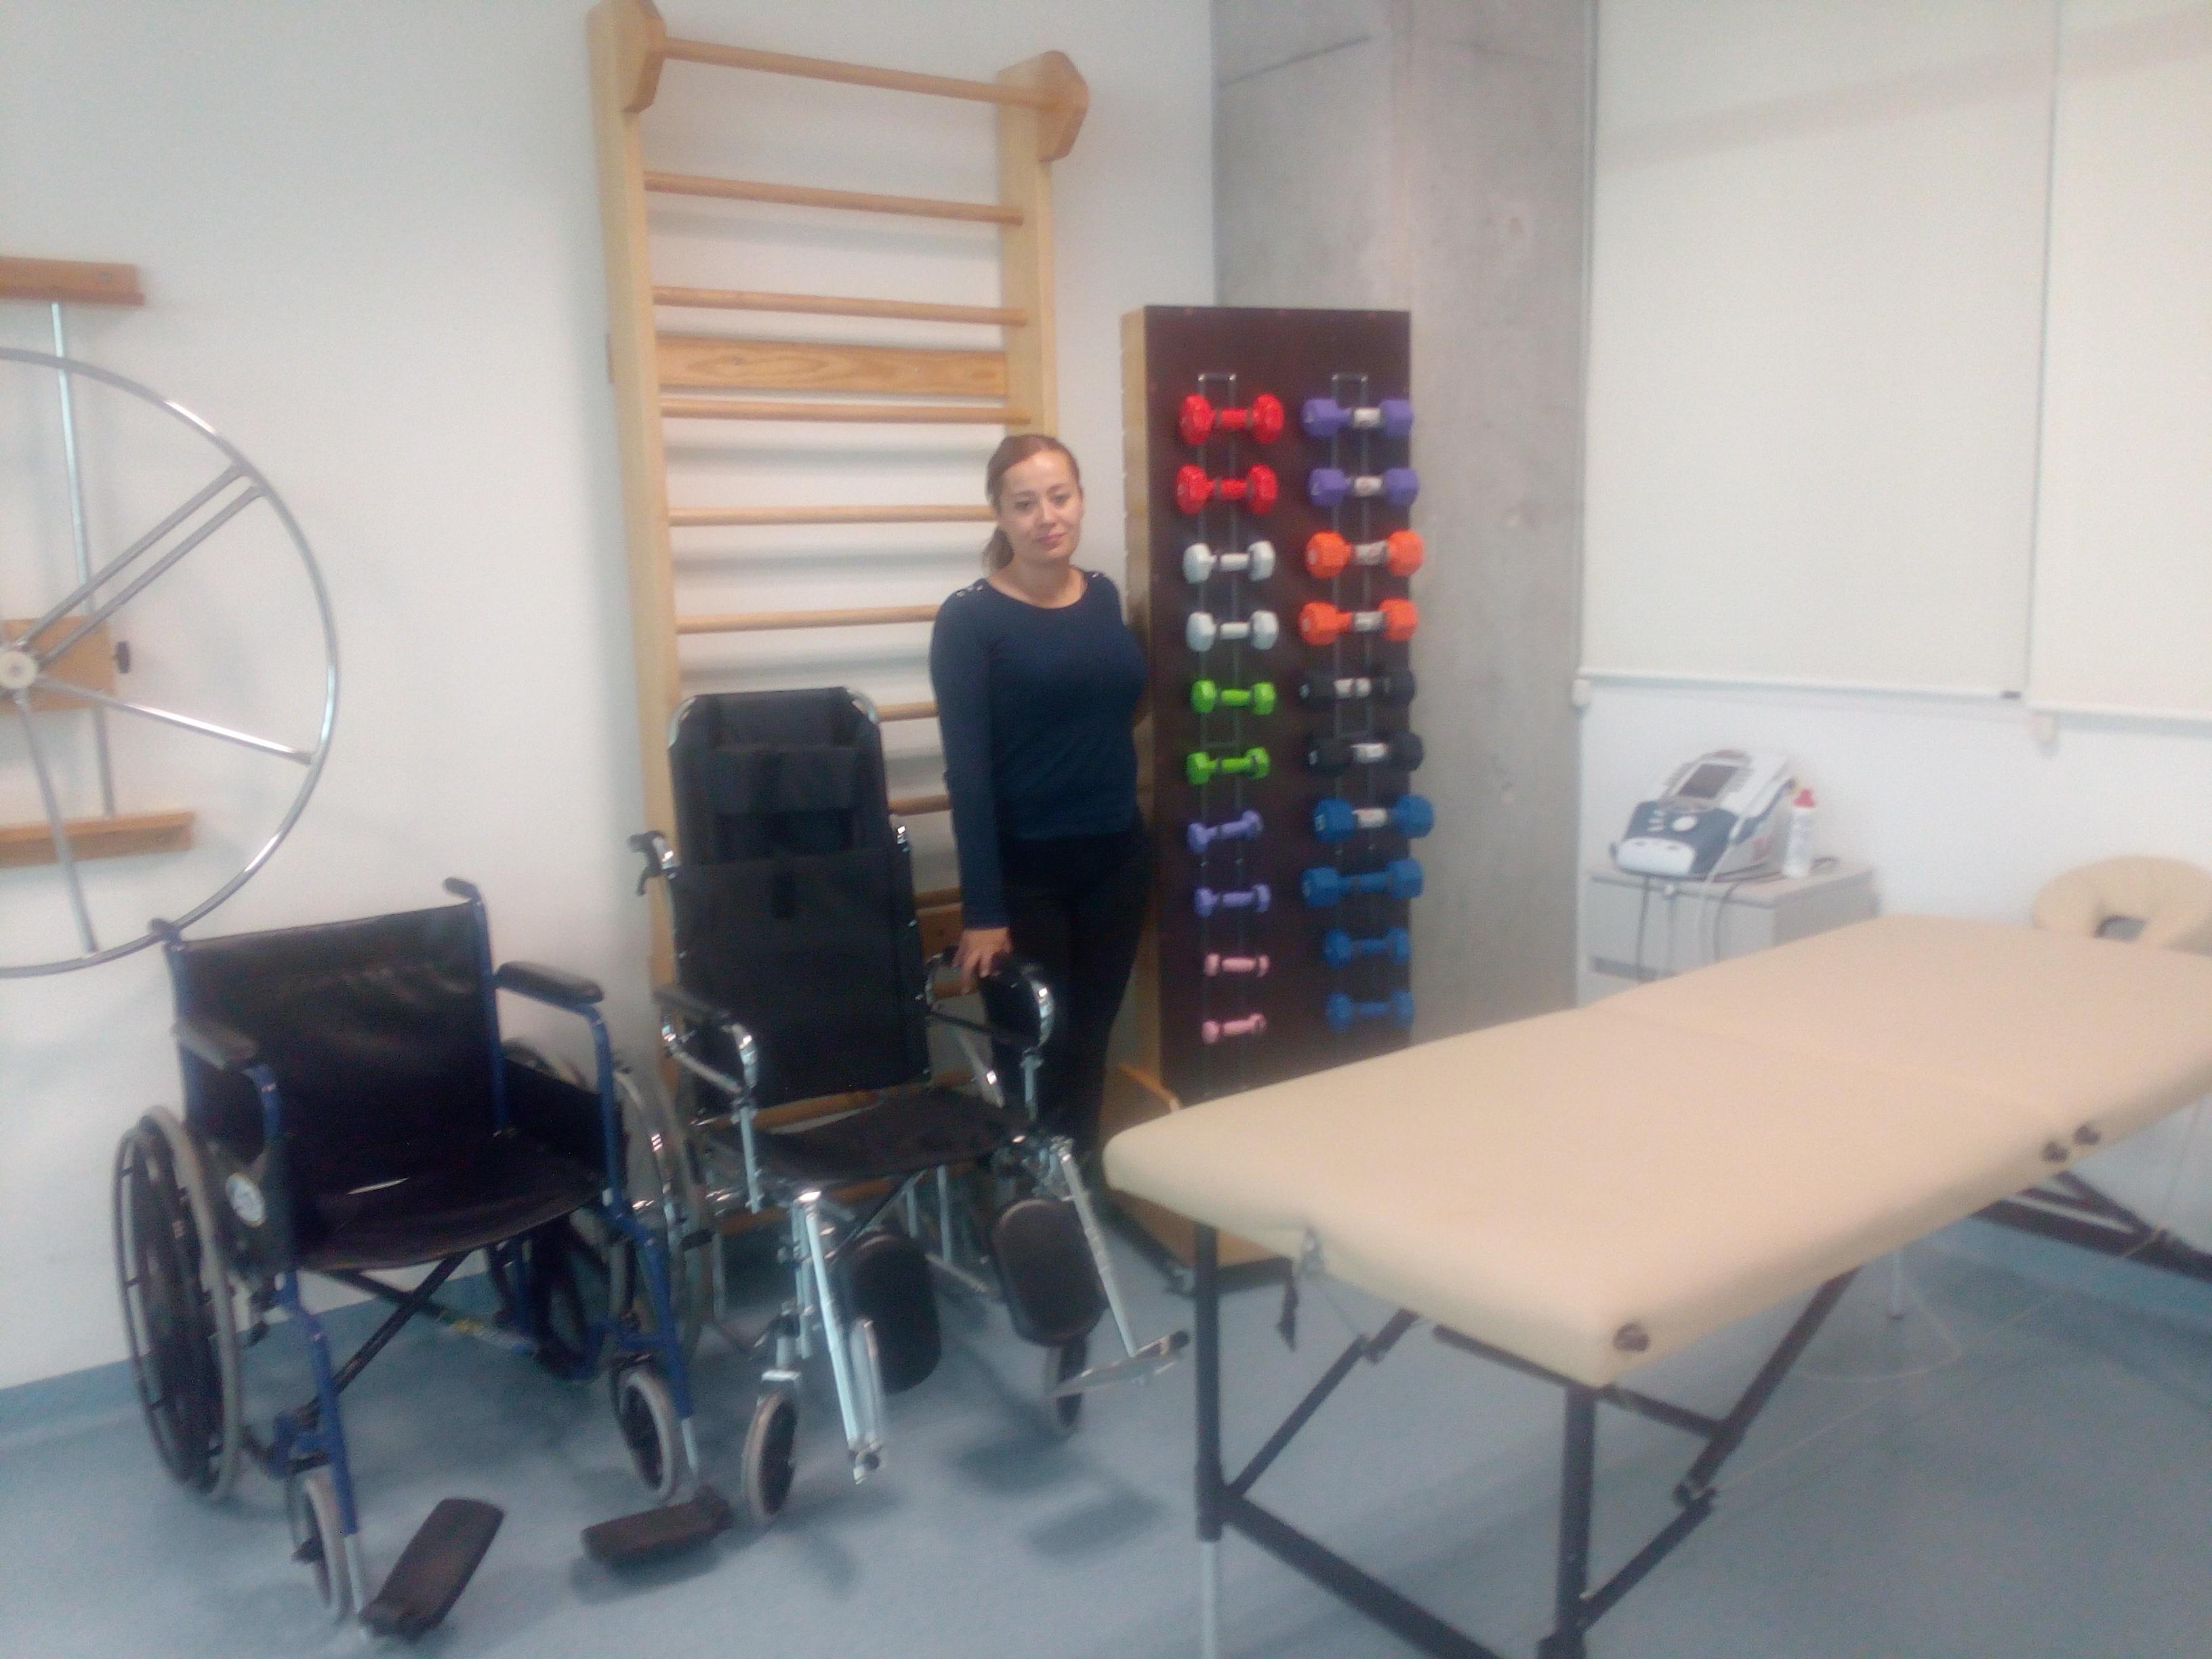 Estudiantes de Fisioterapia Campus Guadalajara tienen éxito en campos clínicos - Featured Image